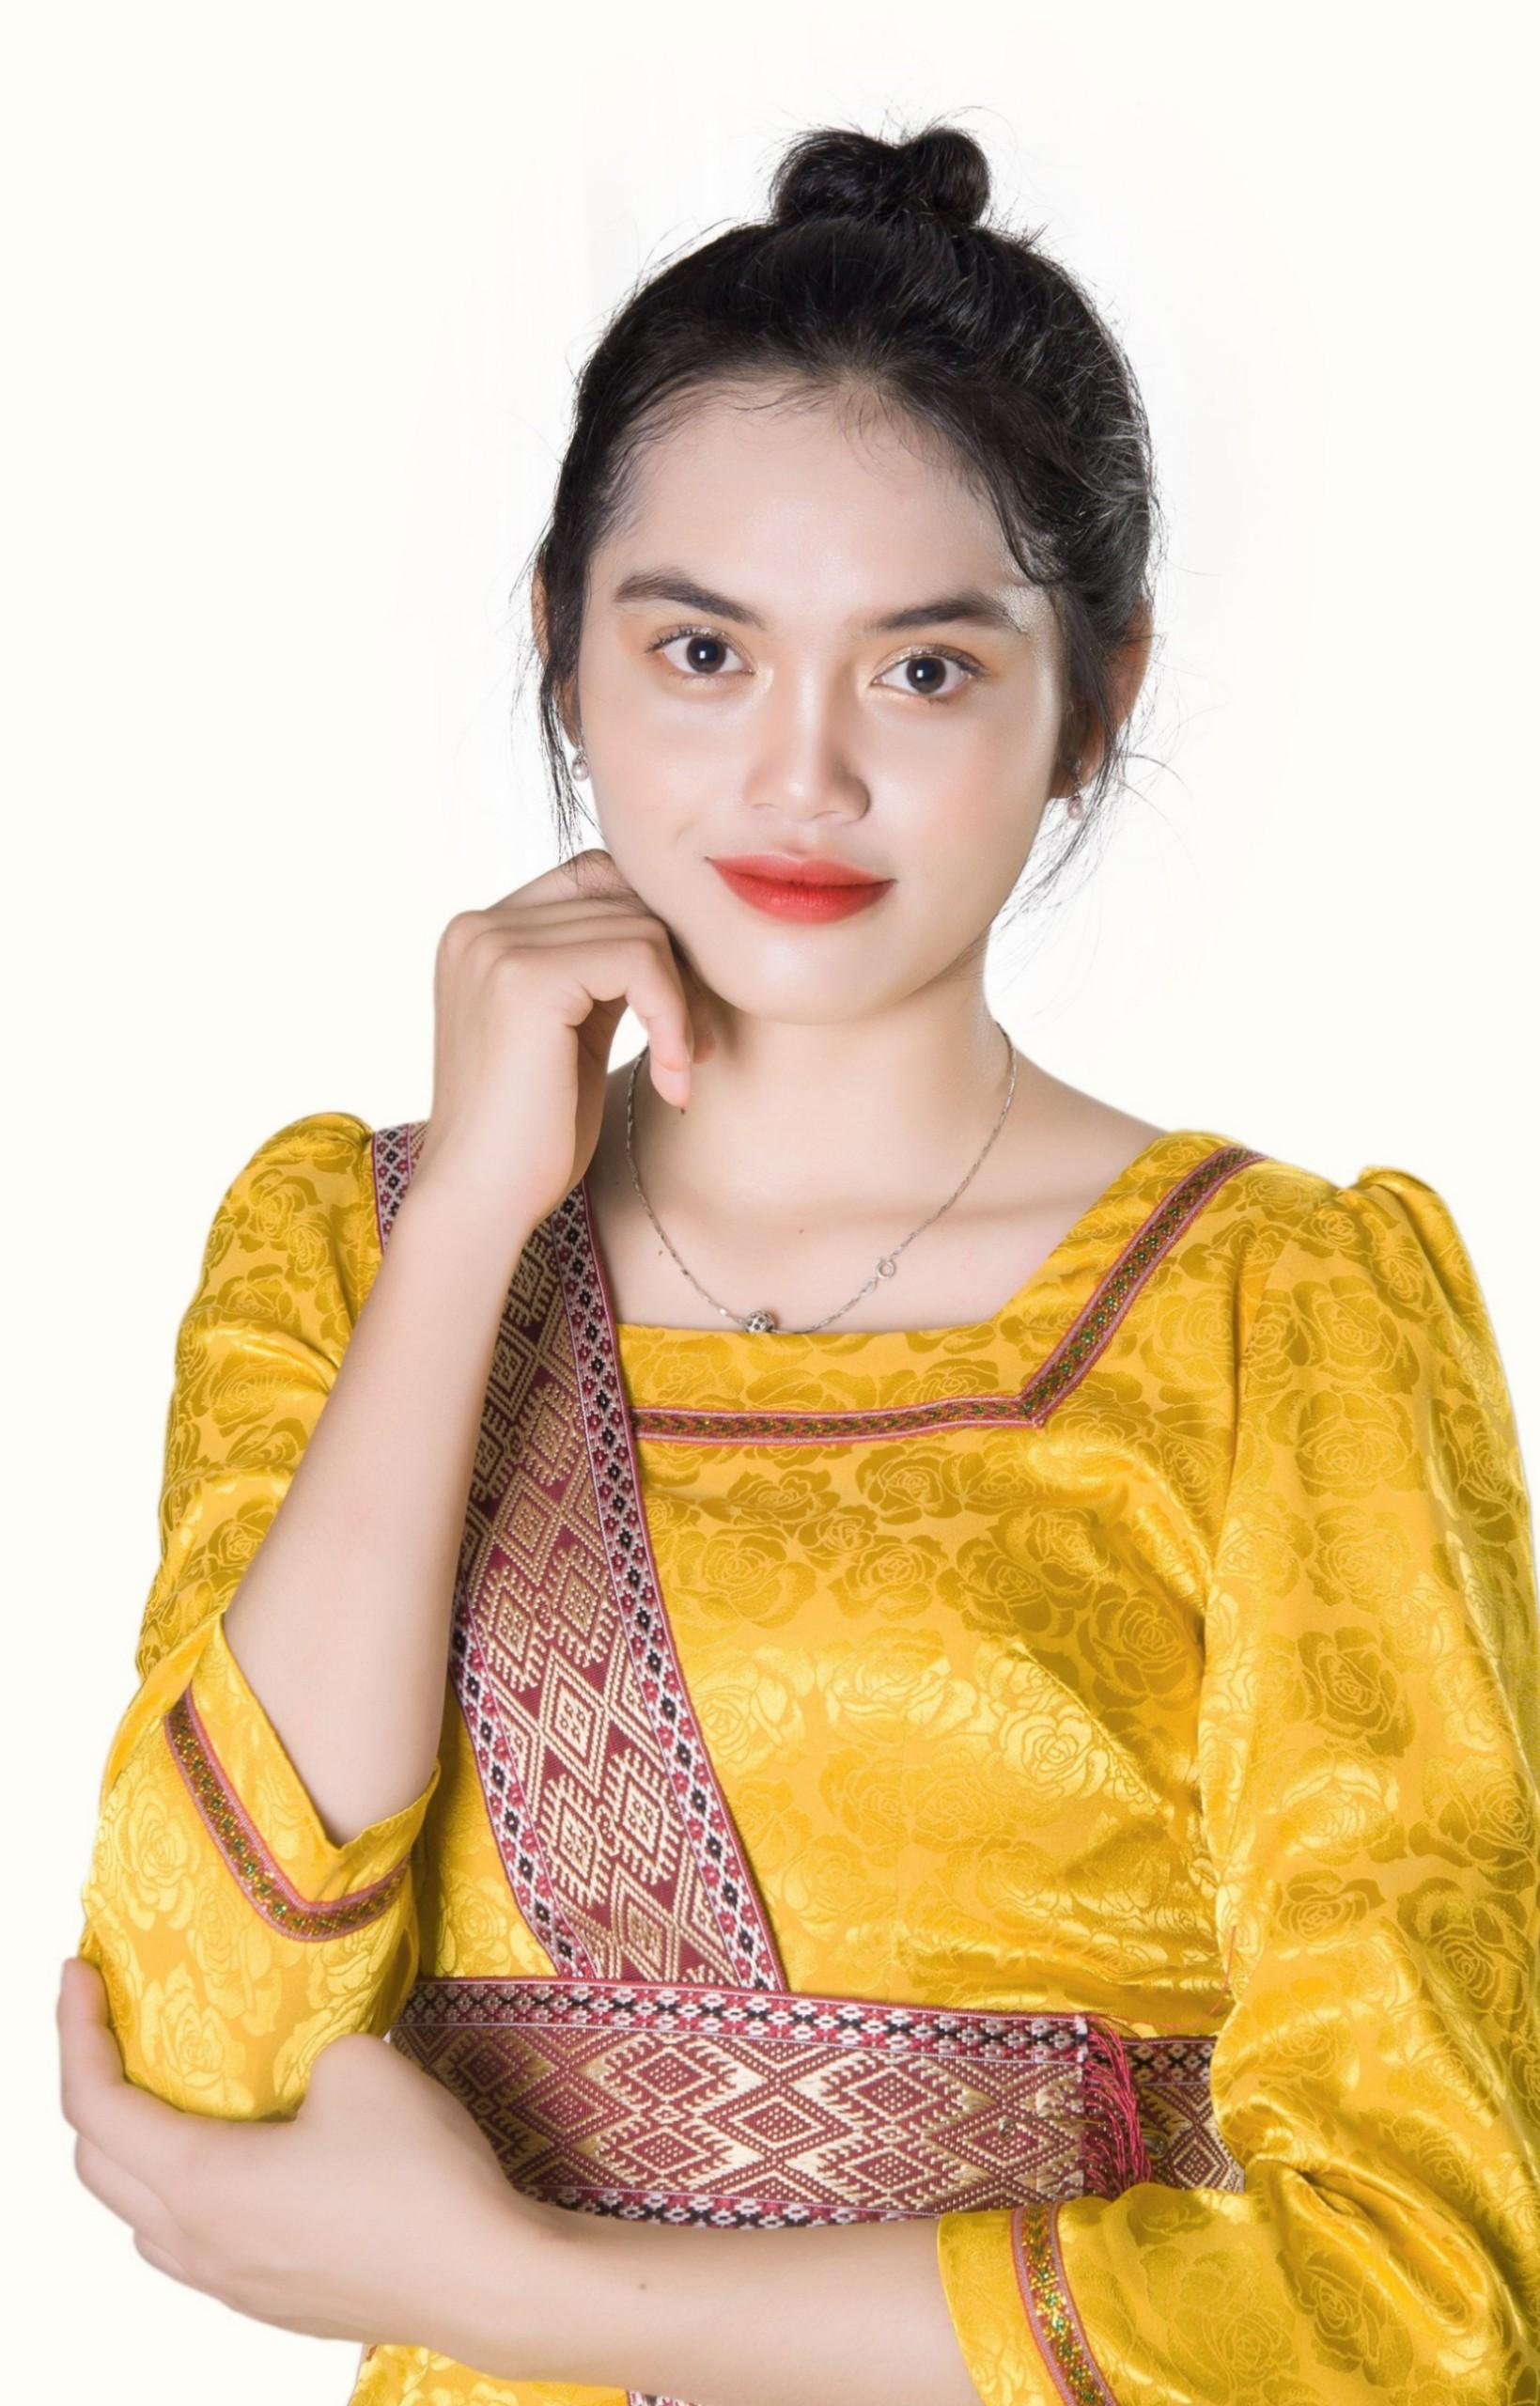 z280640222959939a1c541fbd27551dc0dc1246da6fd2d 1633067454491752113782 Cô gái Chăm ở Ninh Thuận gây ấn tượng mạnh khi dự thi Hoa hậu Hoàn vũ Việt Nam 2021